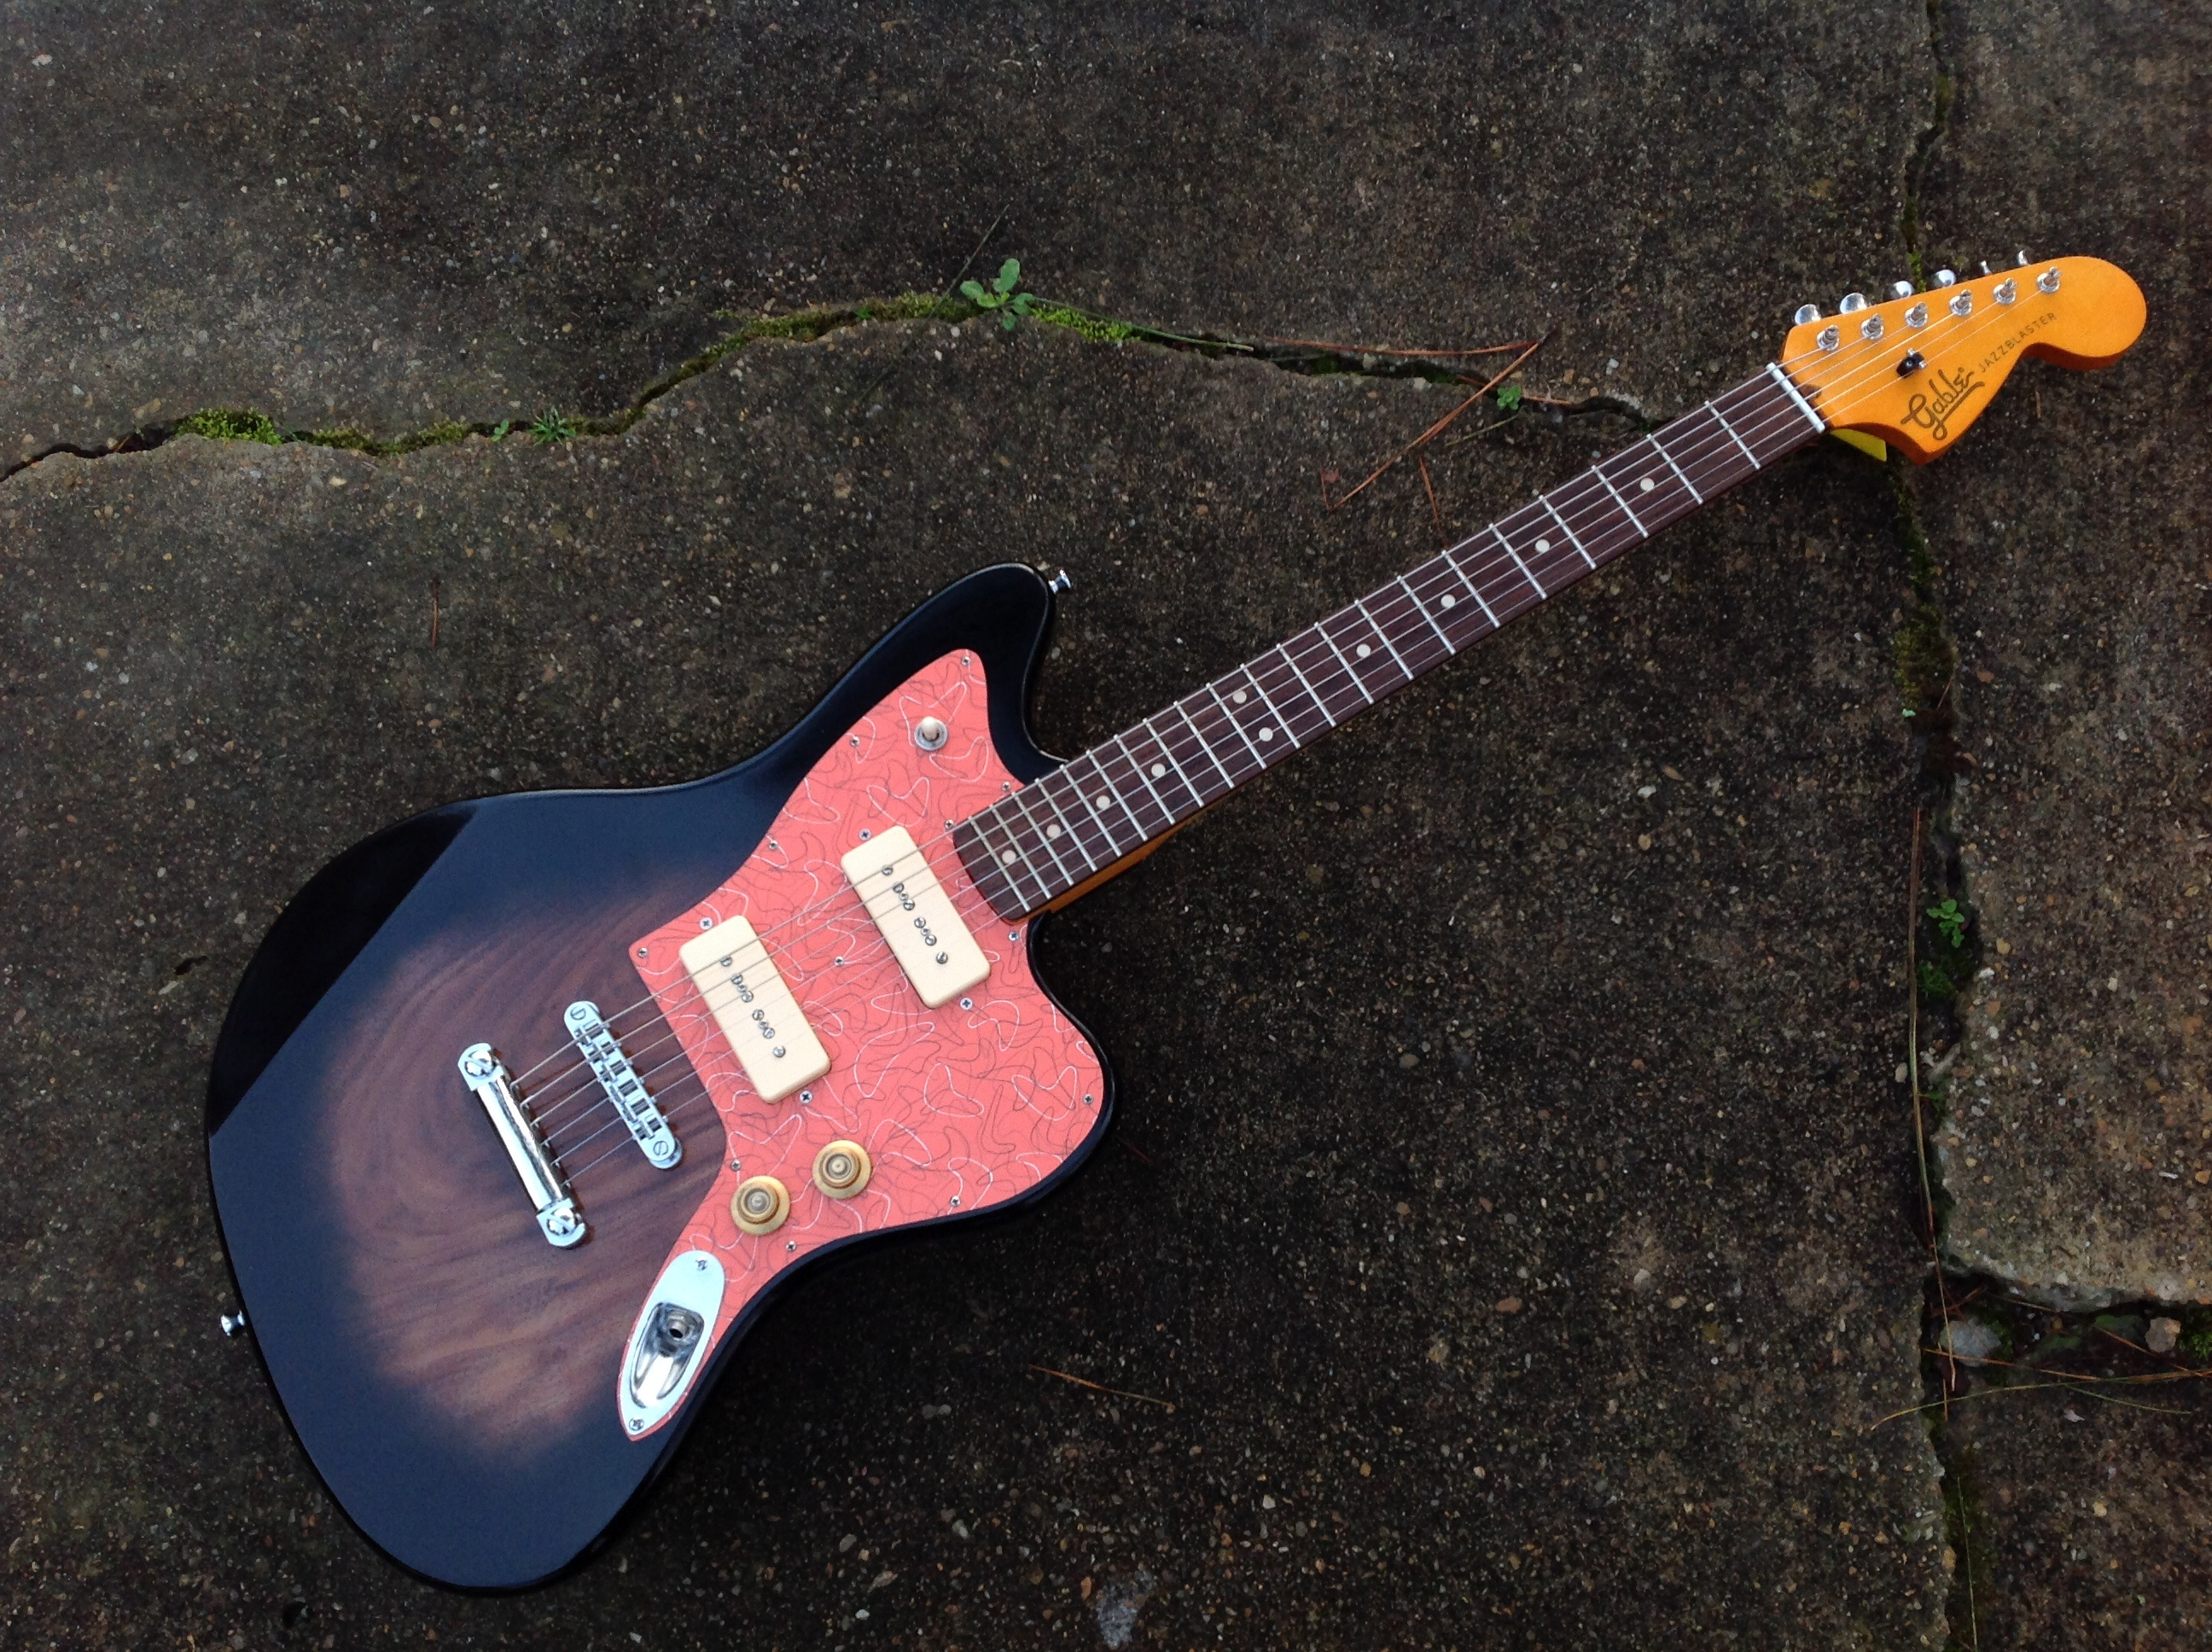 Birdmaster: A New Guitar Experiment - tonefiend.com